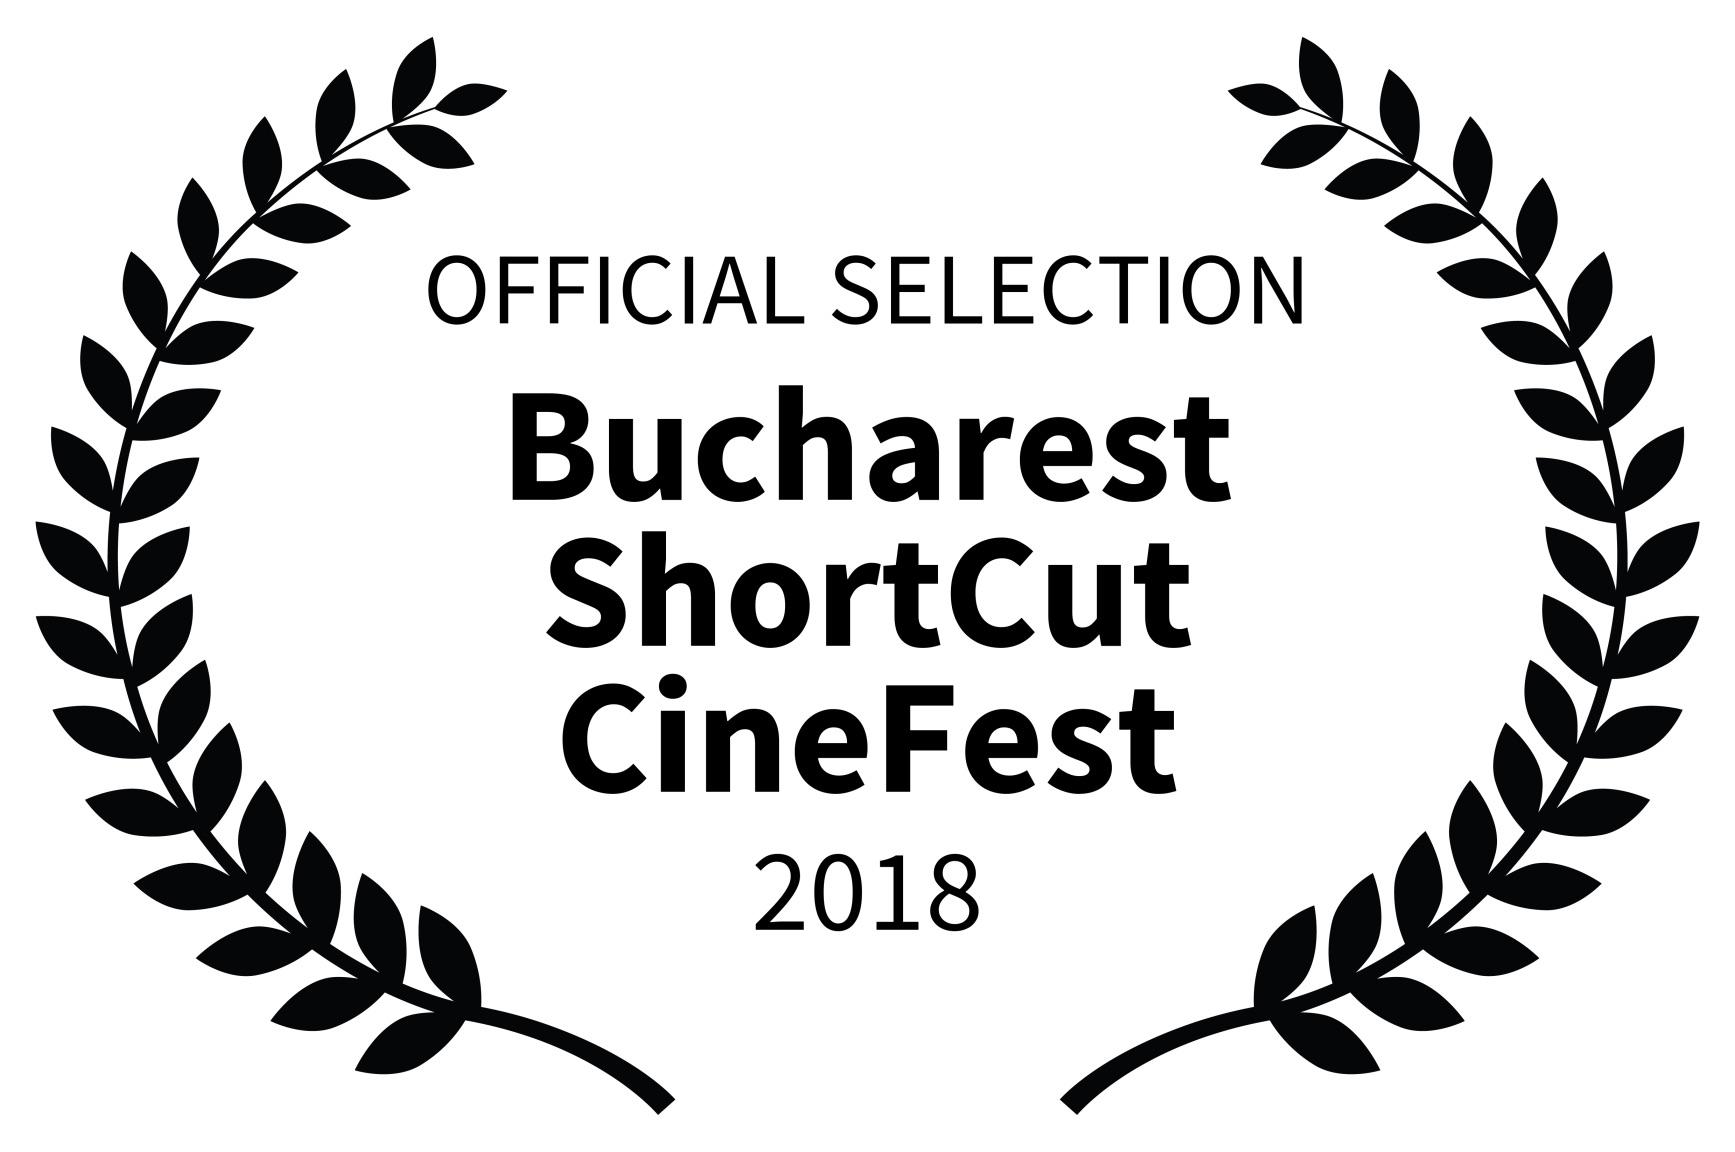 OFFICIAL SELECTION - Bucharest ShortCut CineFest - 2018.jpg